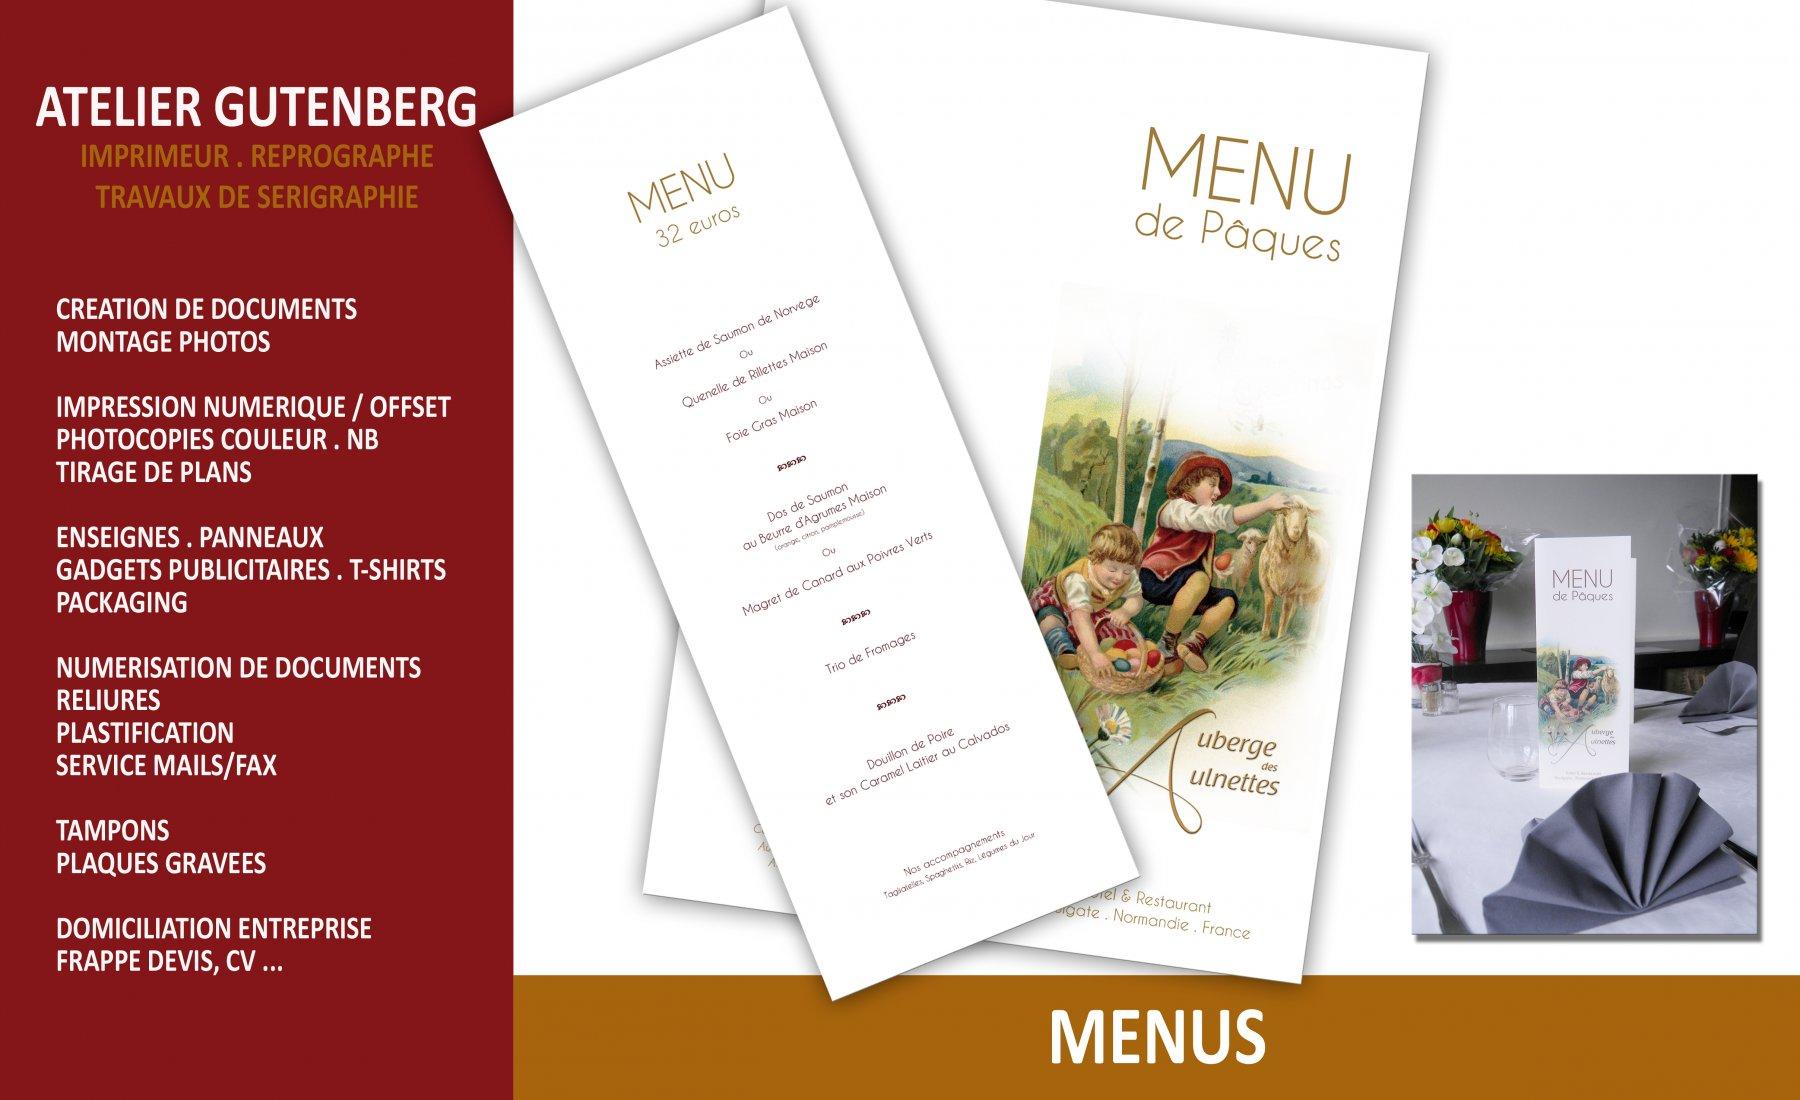 atelier gutenberg menus de pâques réalisés pour l'auberge des aulnettes